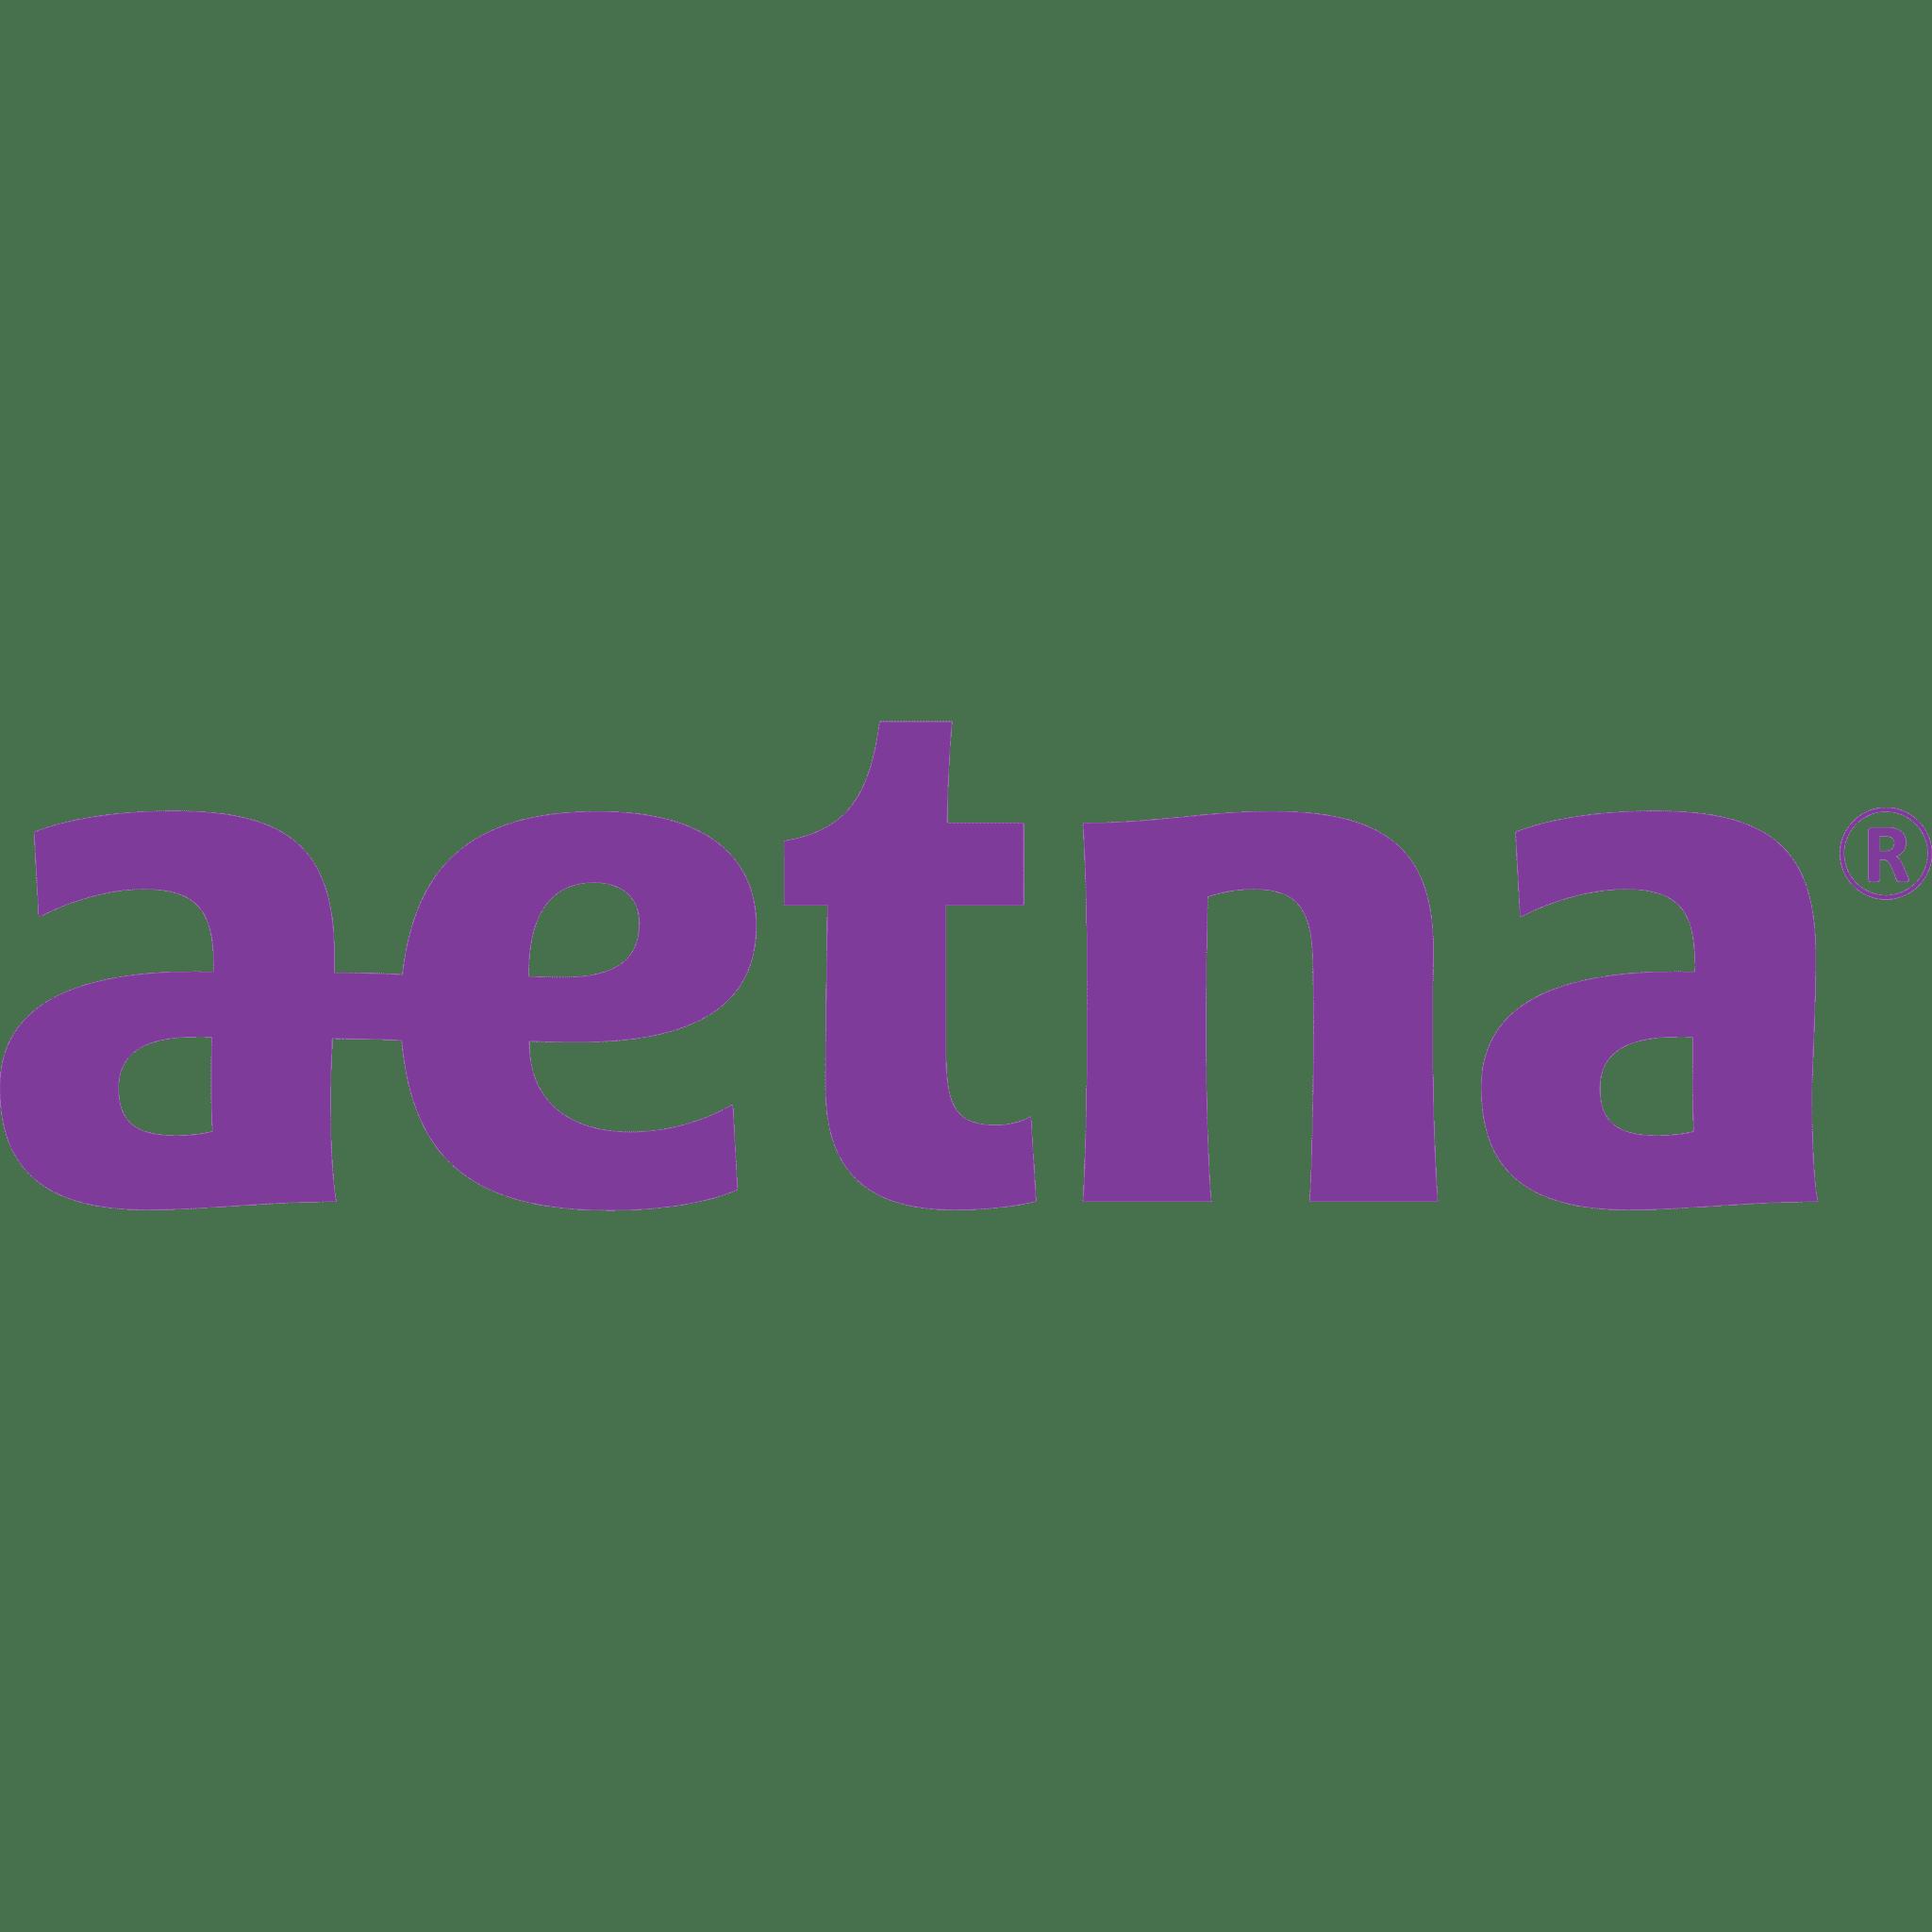 Aetna International Insurance - Aetna Global Medical Plans